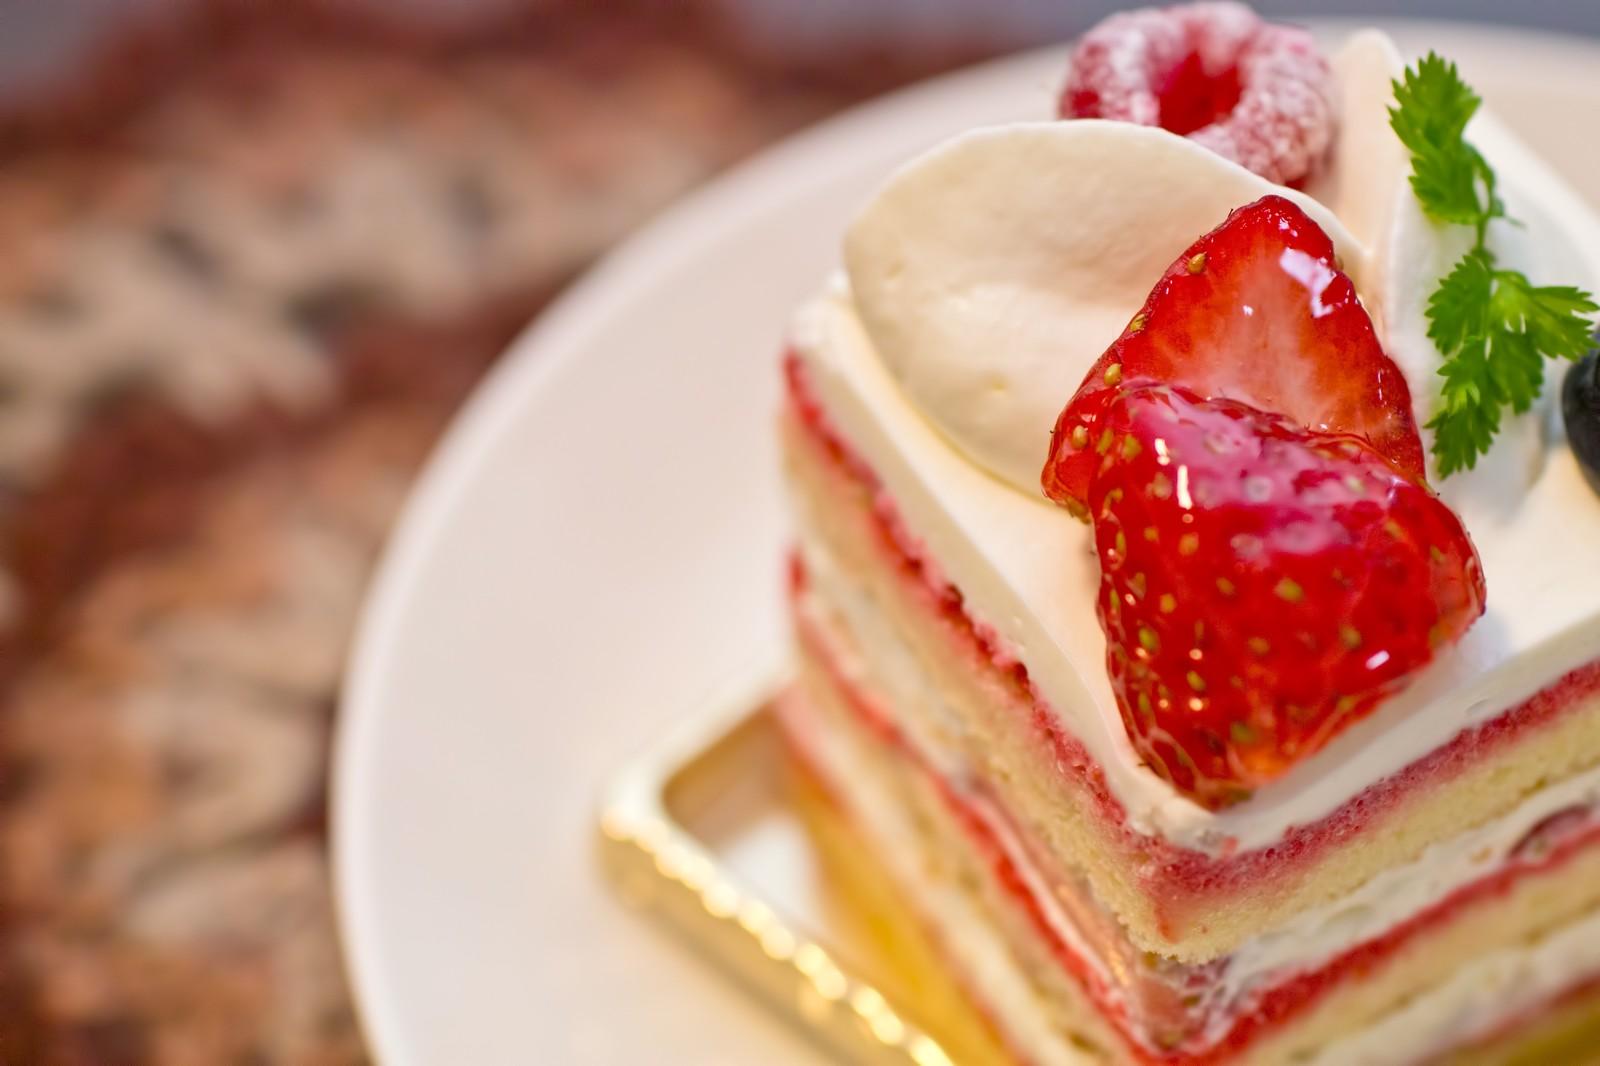 KANAGAWA-KEN ATSUGUI-SHI – Fábrica de sobremesas, empresa especializada em doces.